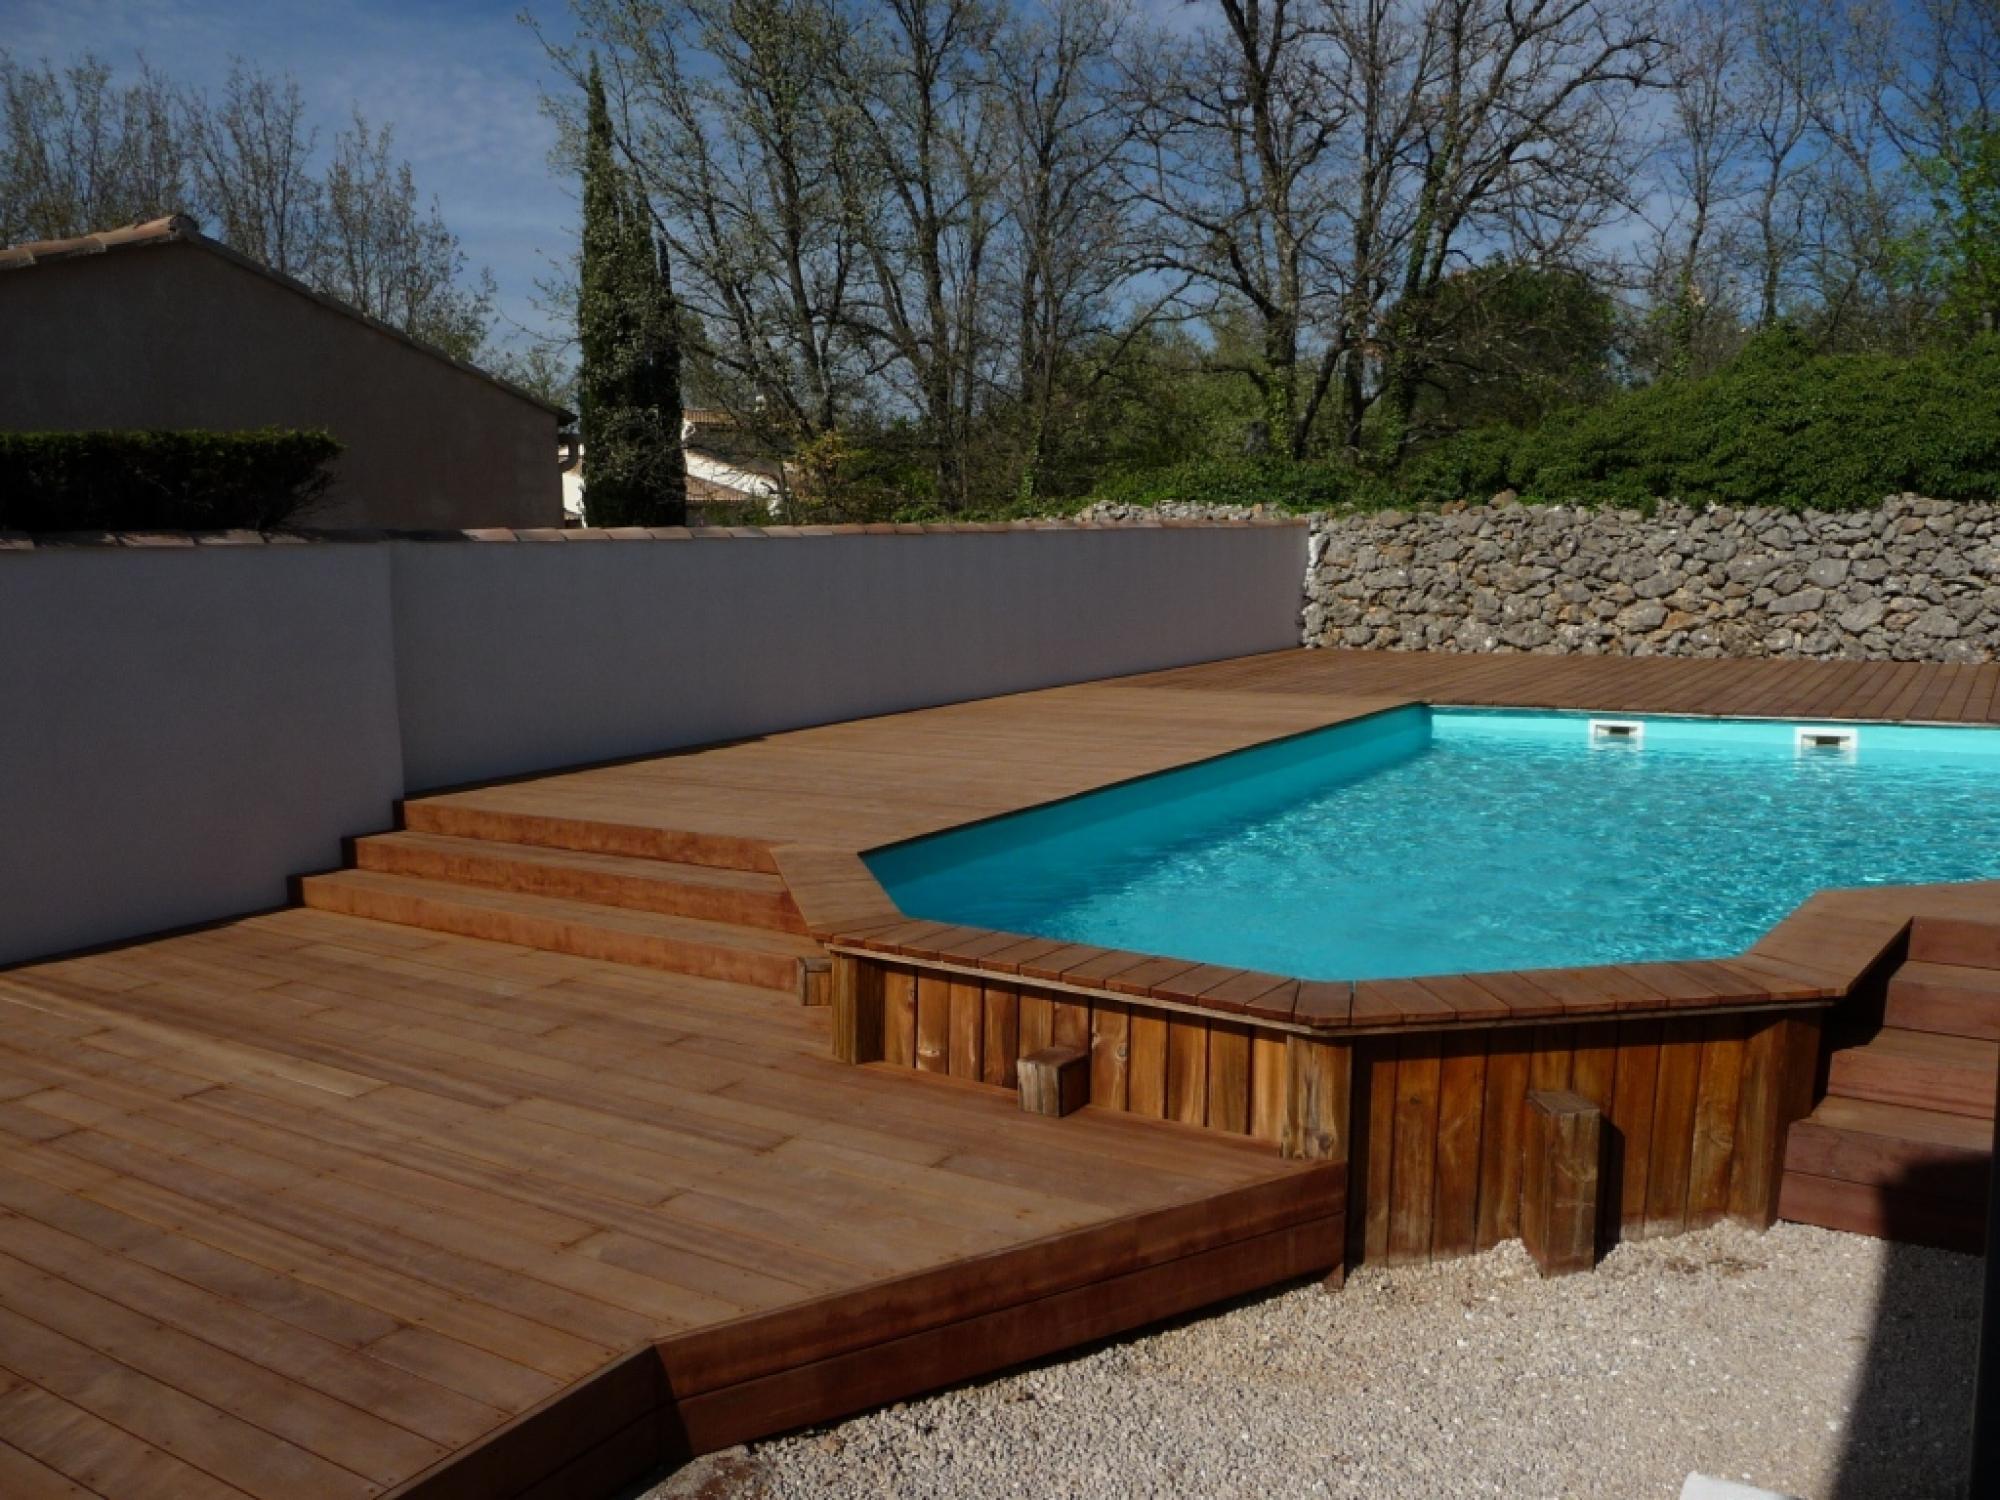 habillage bois d 39 une piscine semi enterr e vente et pose. Black Bedroom Furniture Sets. Home Design Ideas